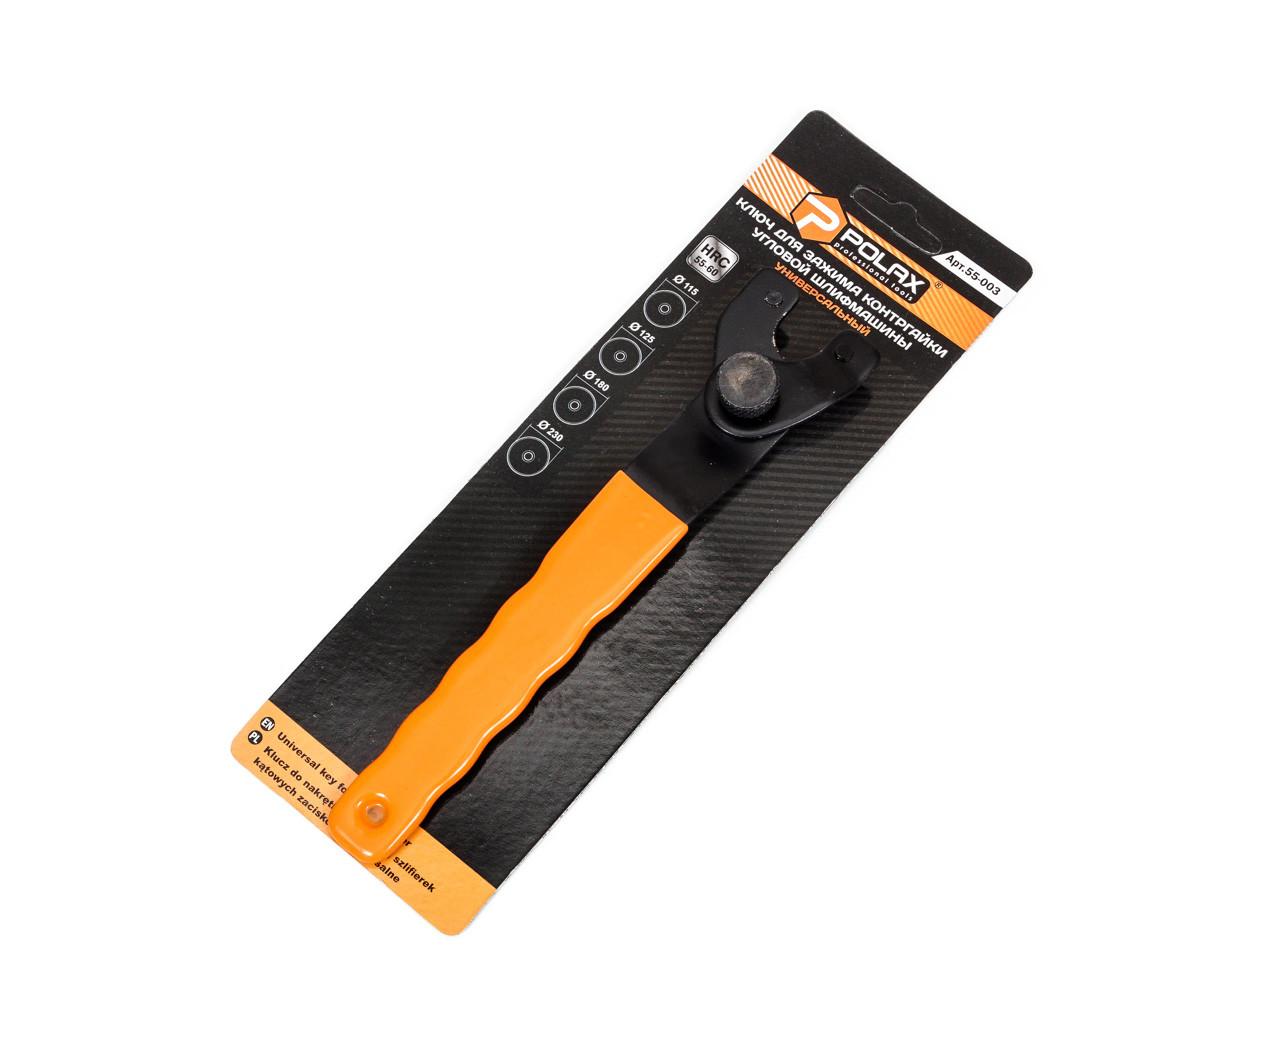 Ключ для зажима контргайки УШМ Polax (55-003)